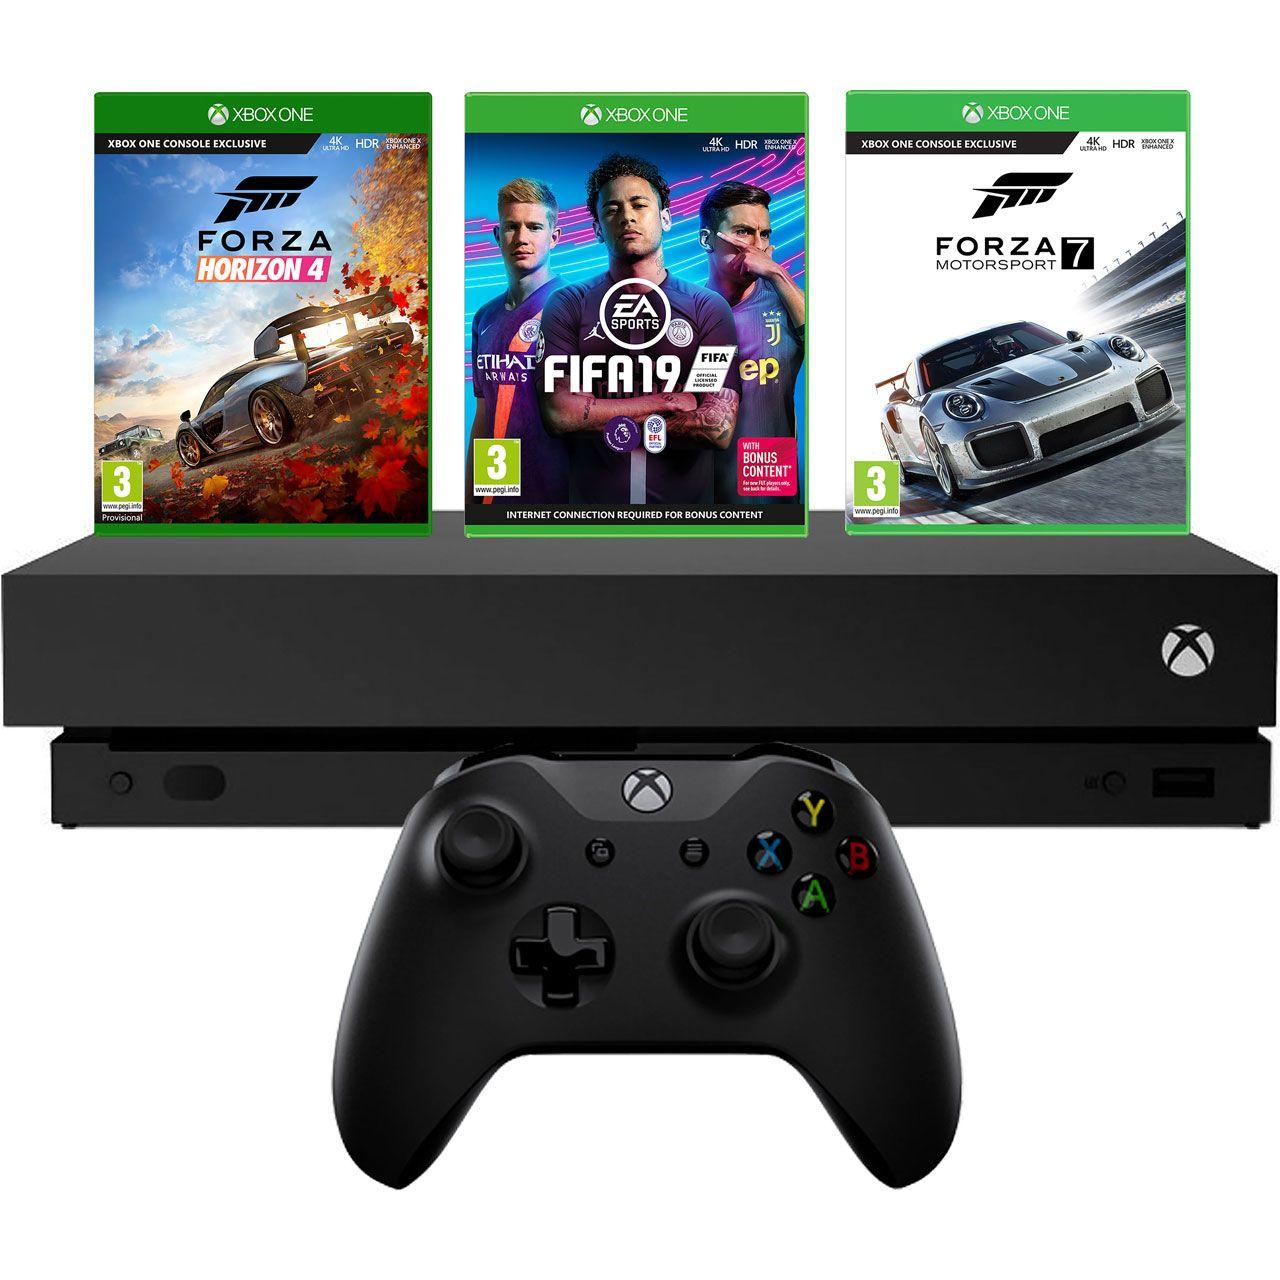 Xbox One X With FIFA 19, Forza Horizon 4 and Forza Motorsport 7 - £399 @ AO